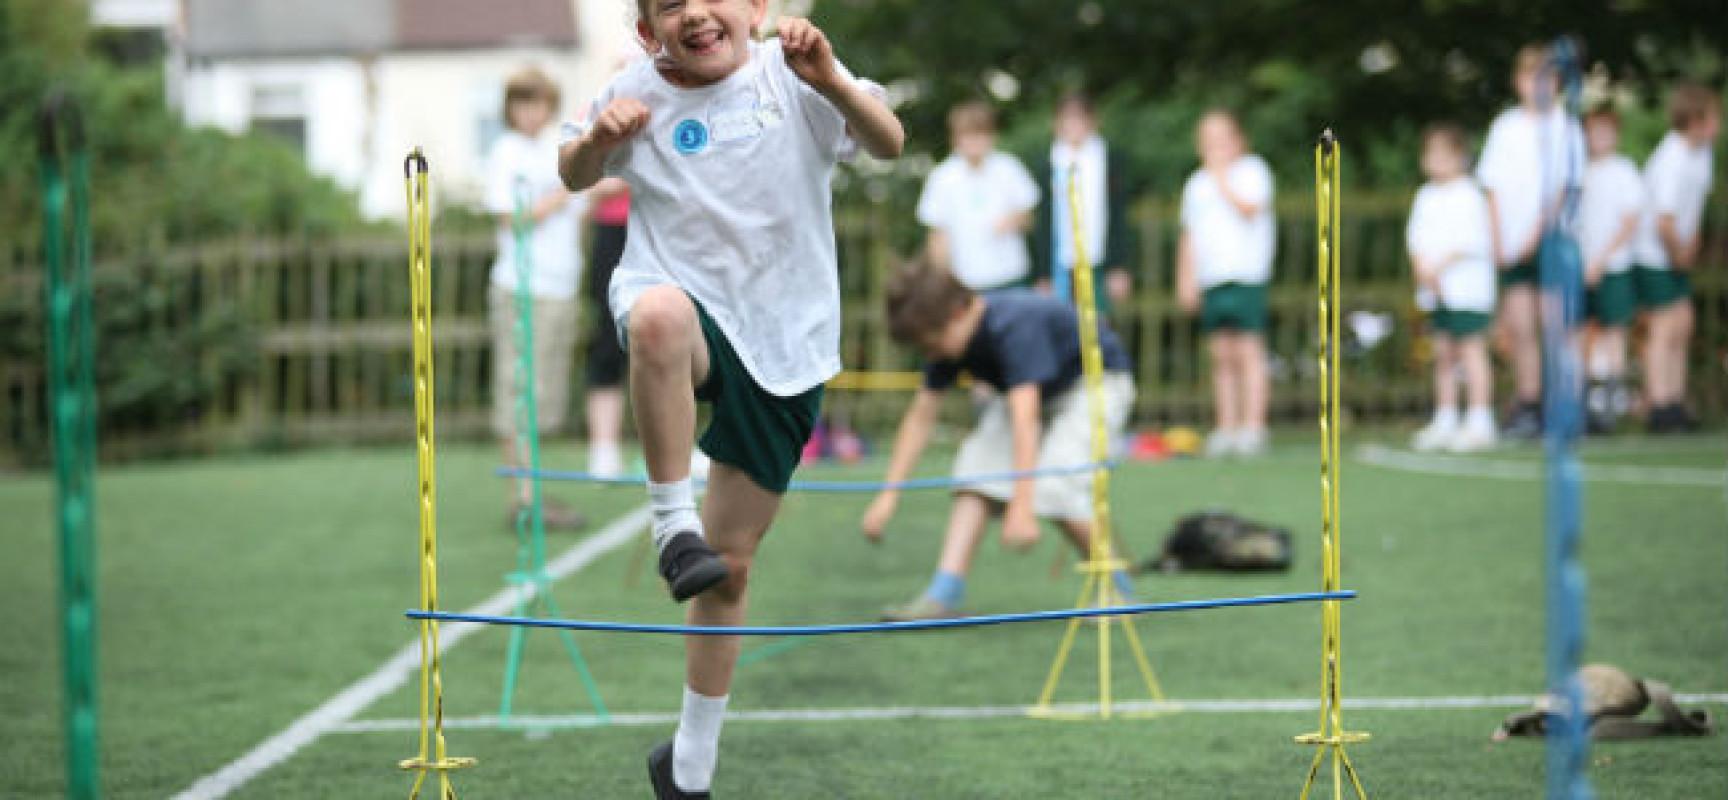 Влияние физических упражнений на здоровье школьников